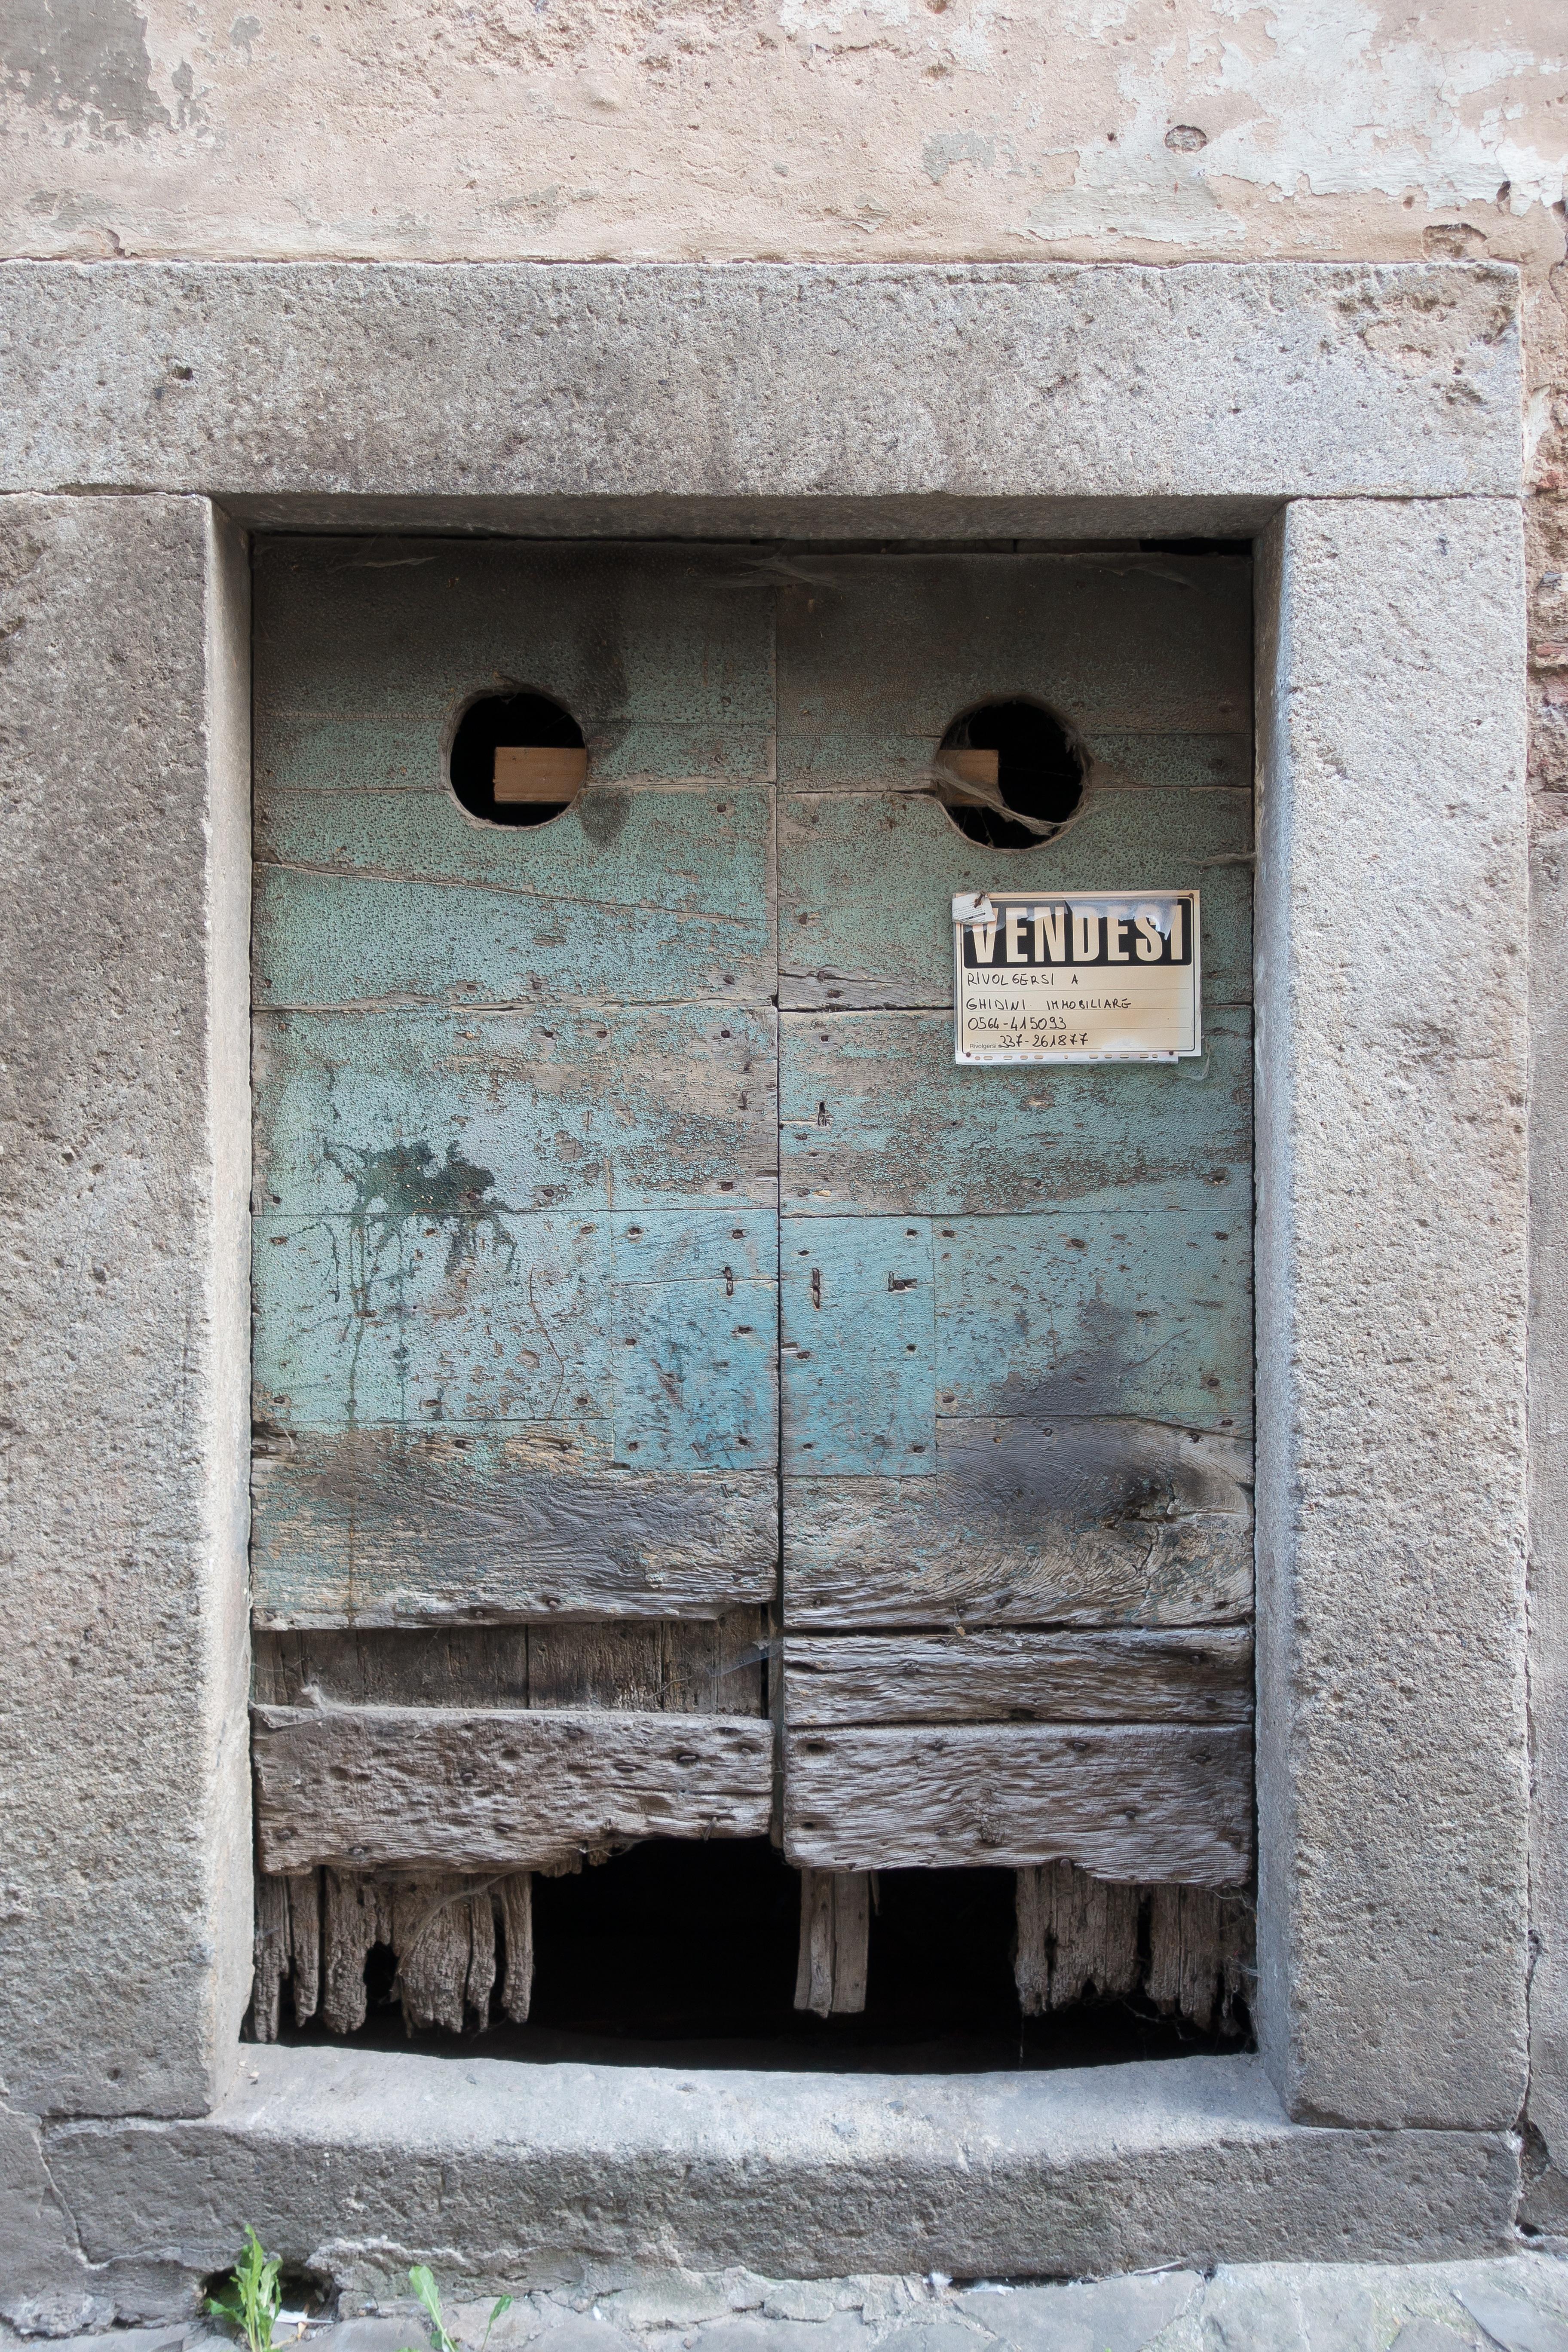 Haustür Eingang kostenlose foto holz fenster gebäude zuhause mauer fassade